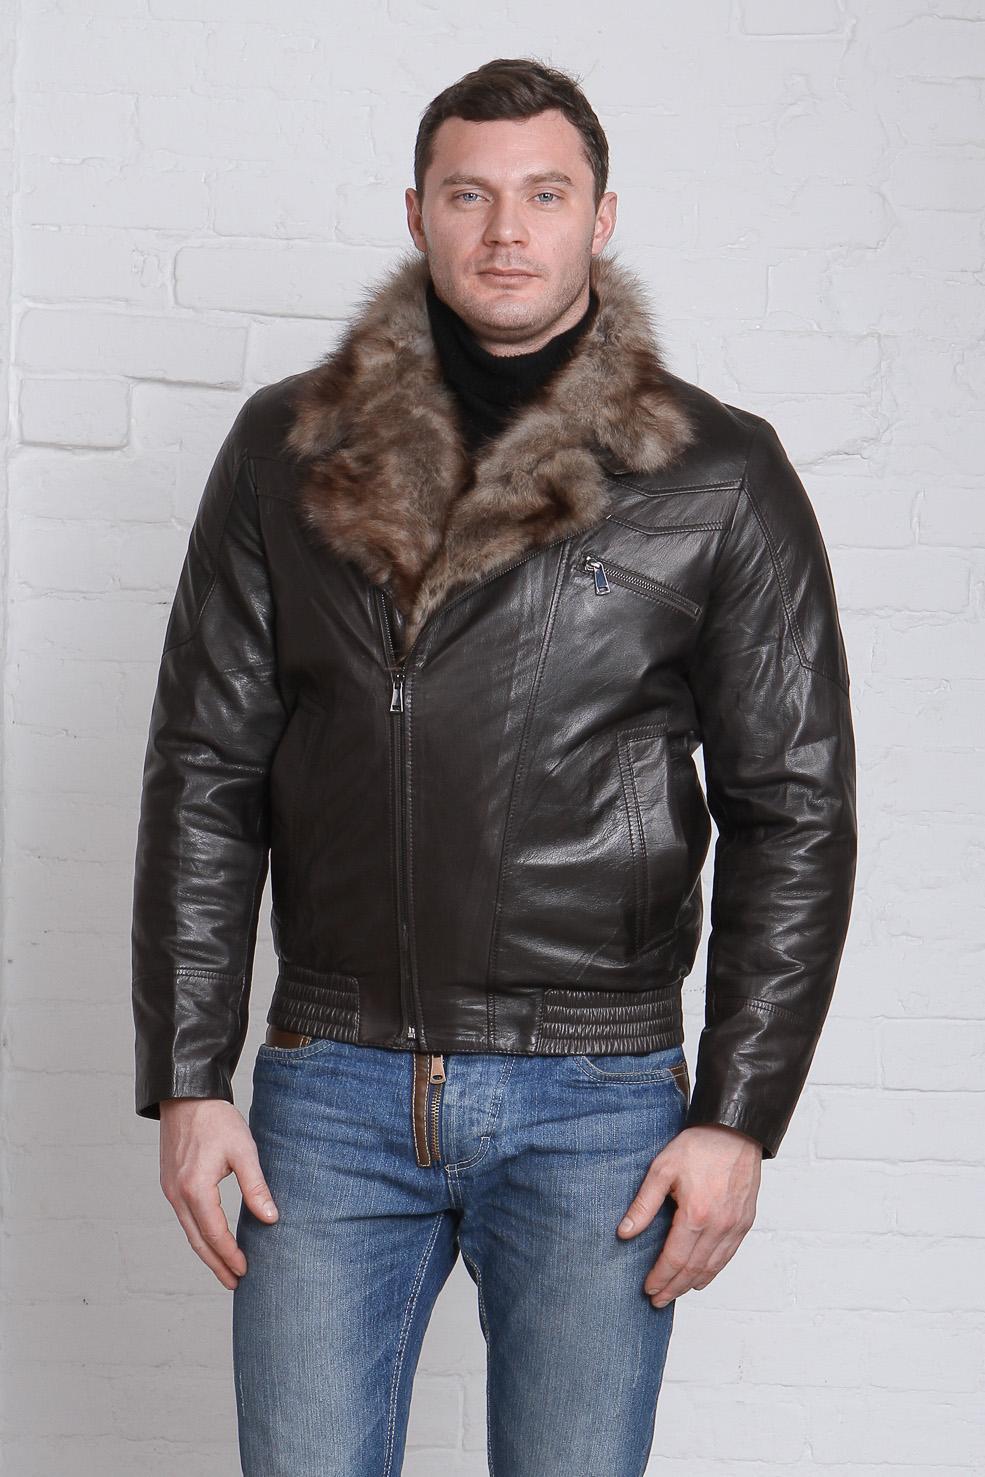 Мужская кожаная куртка из натуральной кожи с воротником, отделка тоскана<br><br>Воротник: отложной<br>Длина см: Короткая (51-74 )<br>Материал: Кожа овчина<br>Цвет: коричневый<br>Вид застежки: косая<br>Застежка: на молнии<br>Пол: Мужской<br>Размер RU: 52